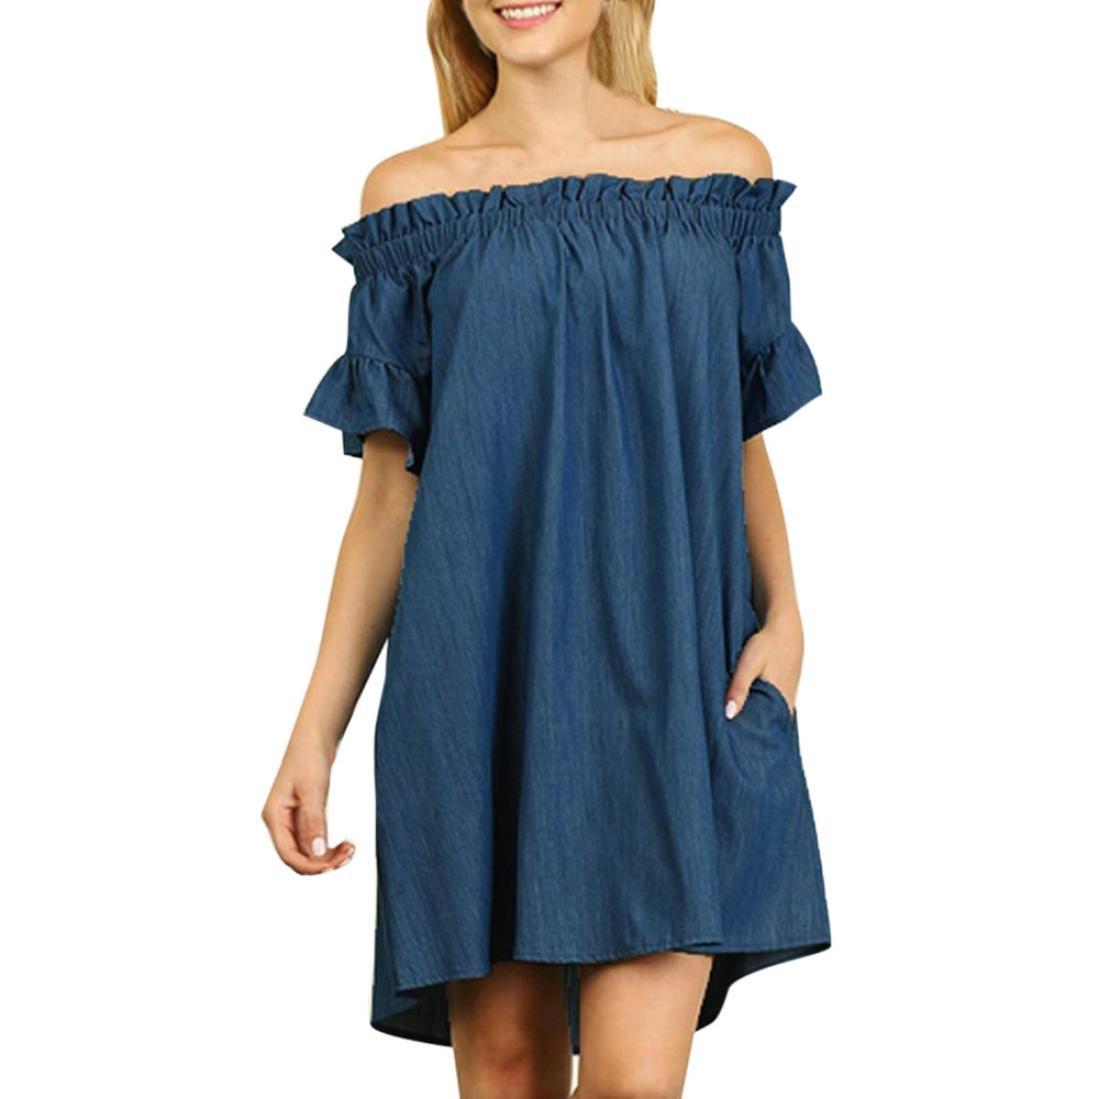 IEason Women Dress, Hot Sale! Plus Size Womens Off The Shoulder Bardot Denim Look Shirt Dress Tops (3XL, Blue)